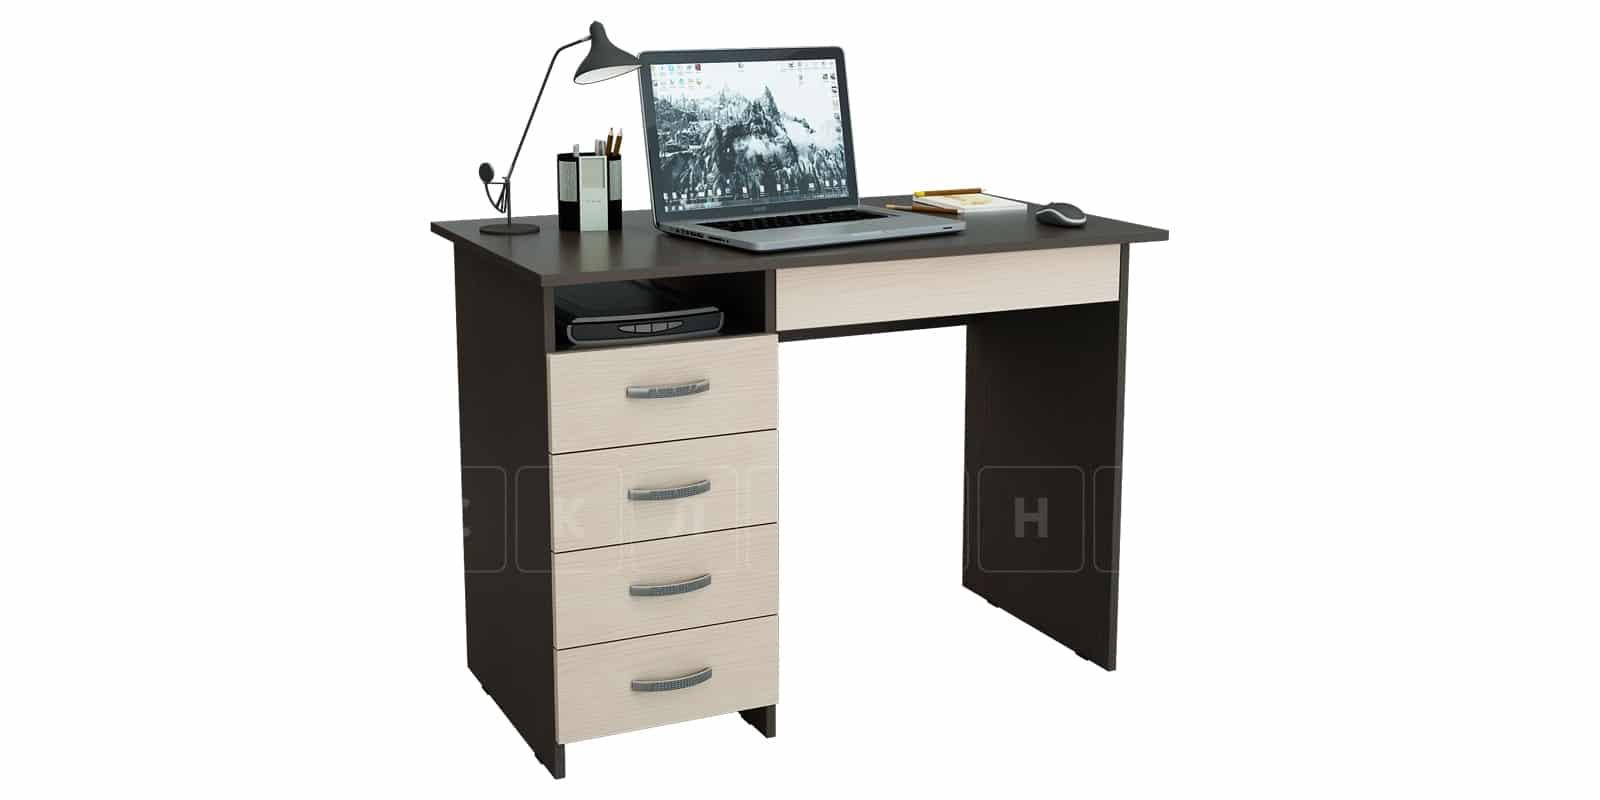 Офисный стол Харви с ящиками фото 1 | интернет-магазин Складно